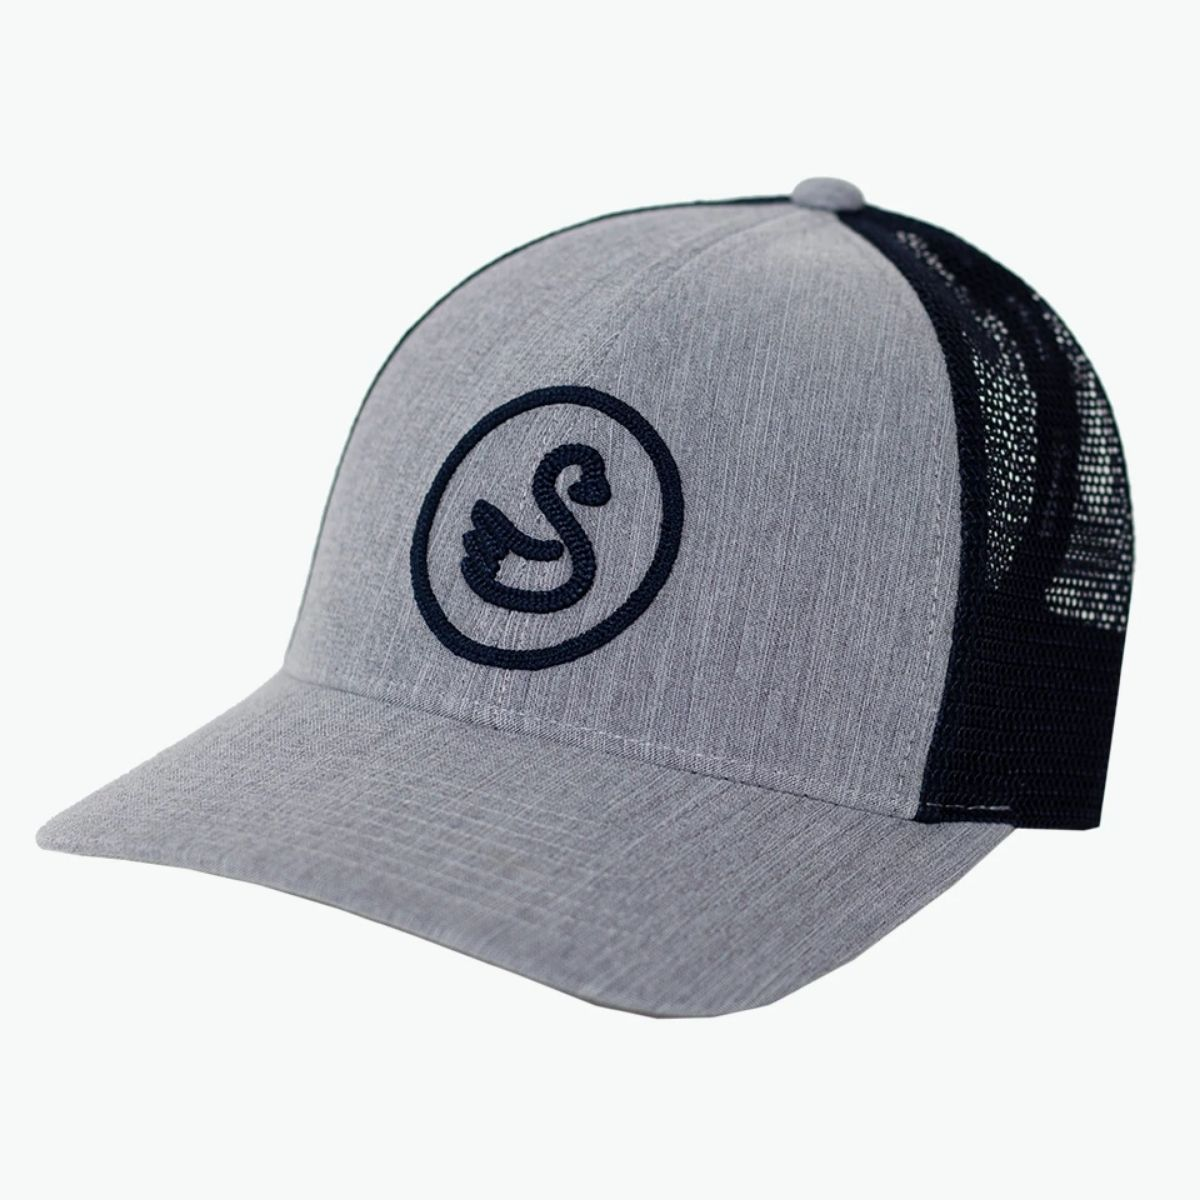 Swannies 2021 Foster Hat